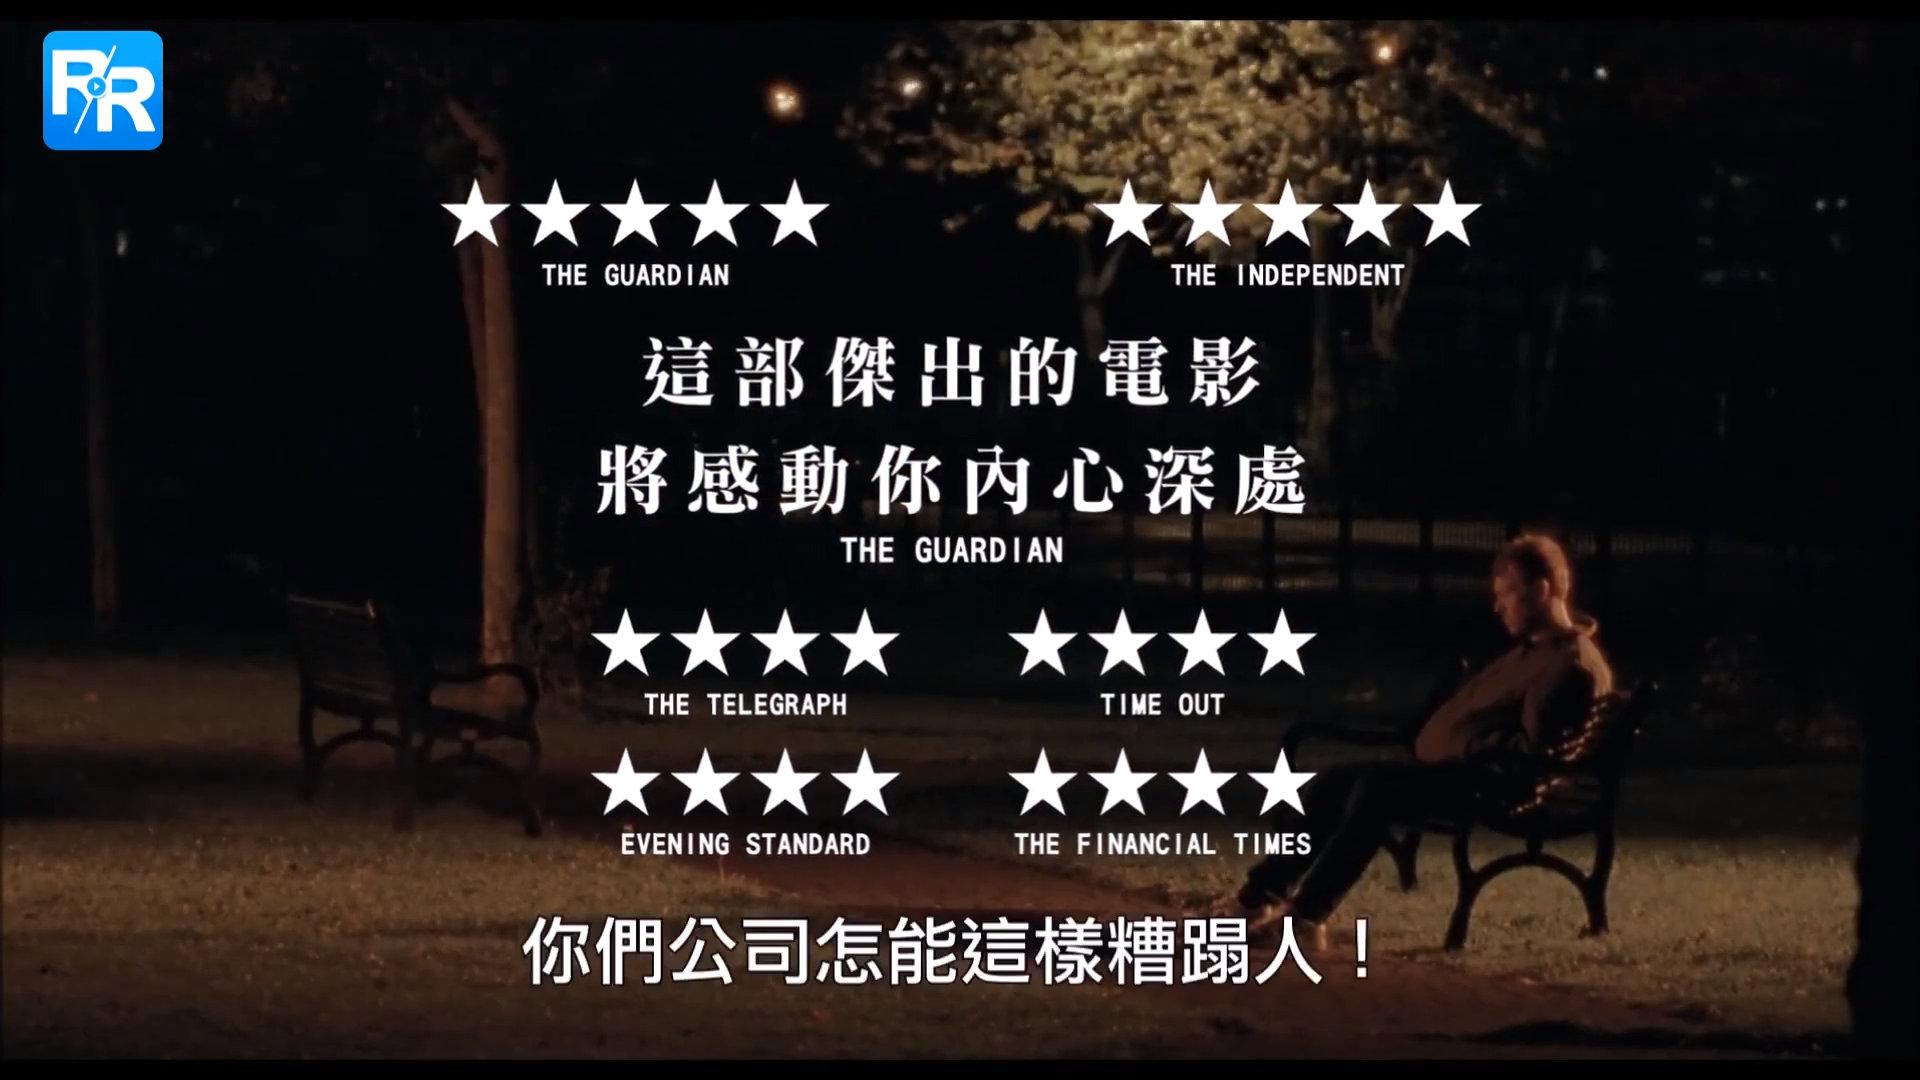 戛纳国际电影节金棕榈奖获得者肯·洛奇新片《对不起,我们错过了你》